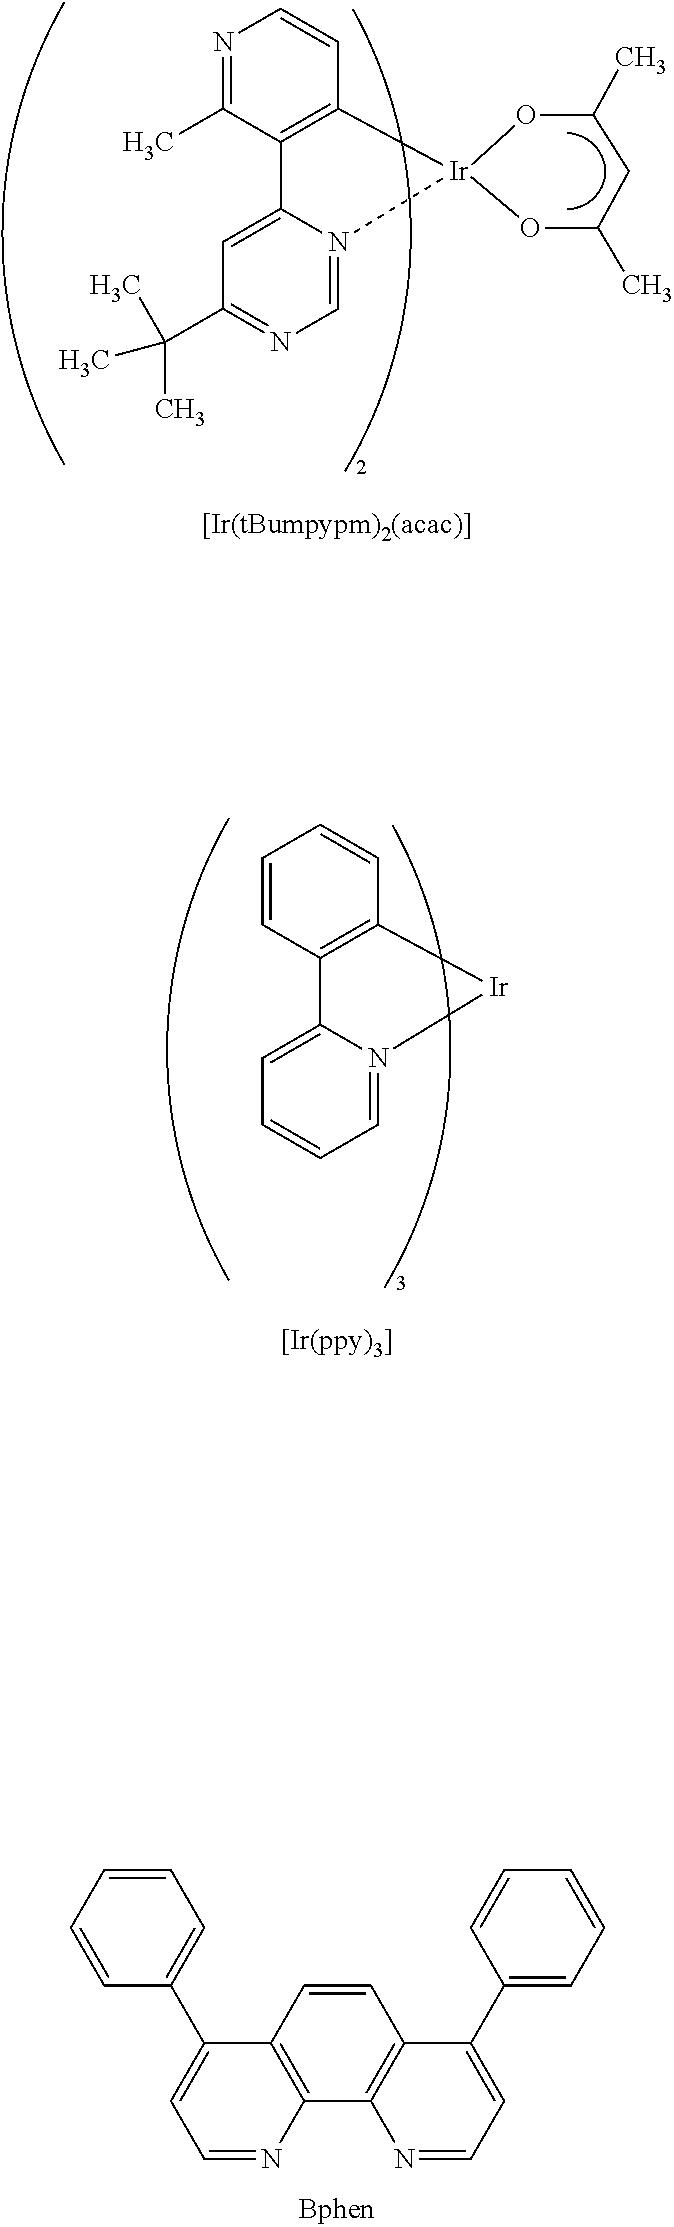 Figure US08889858-20141118-C00044